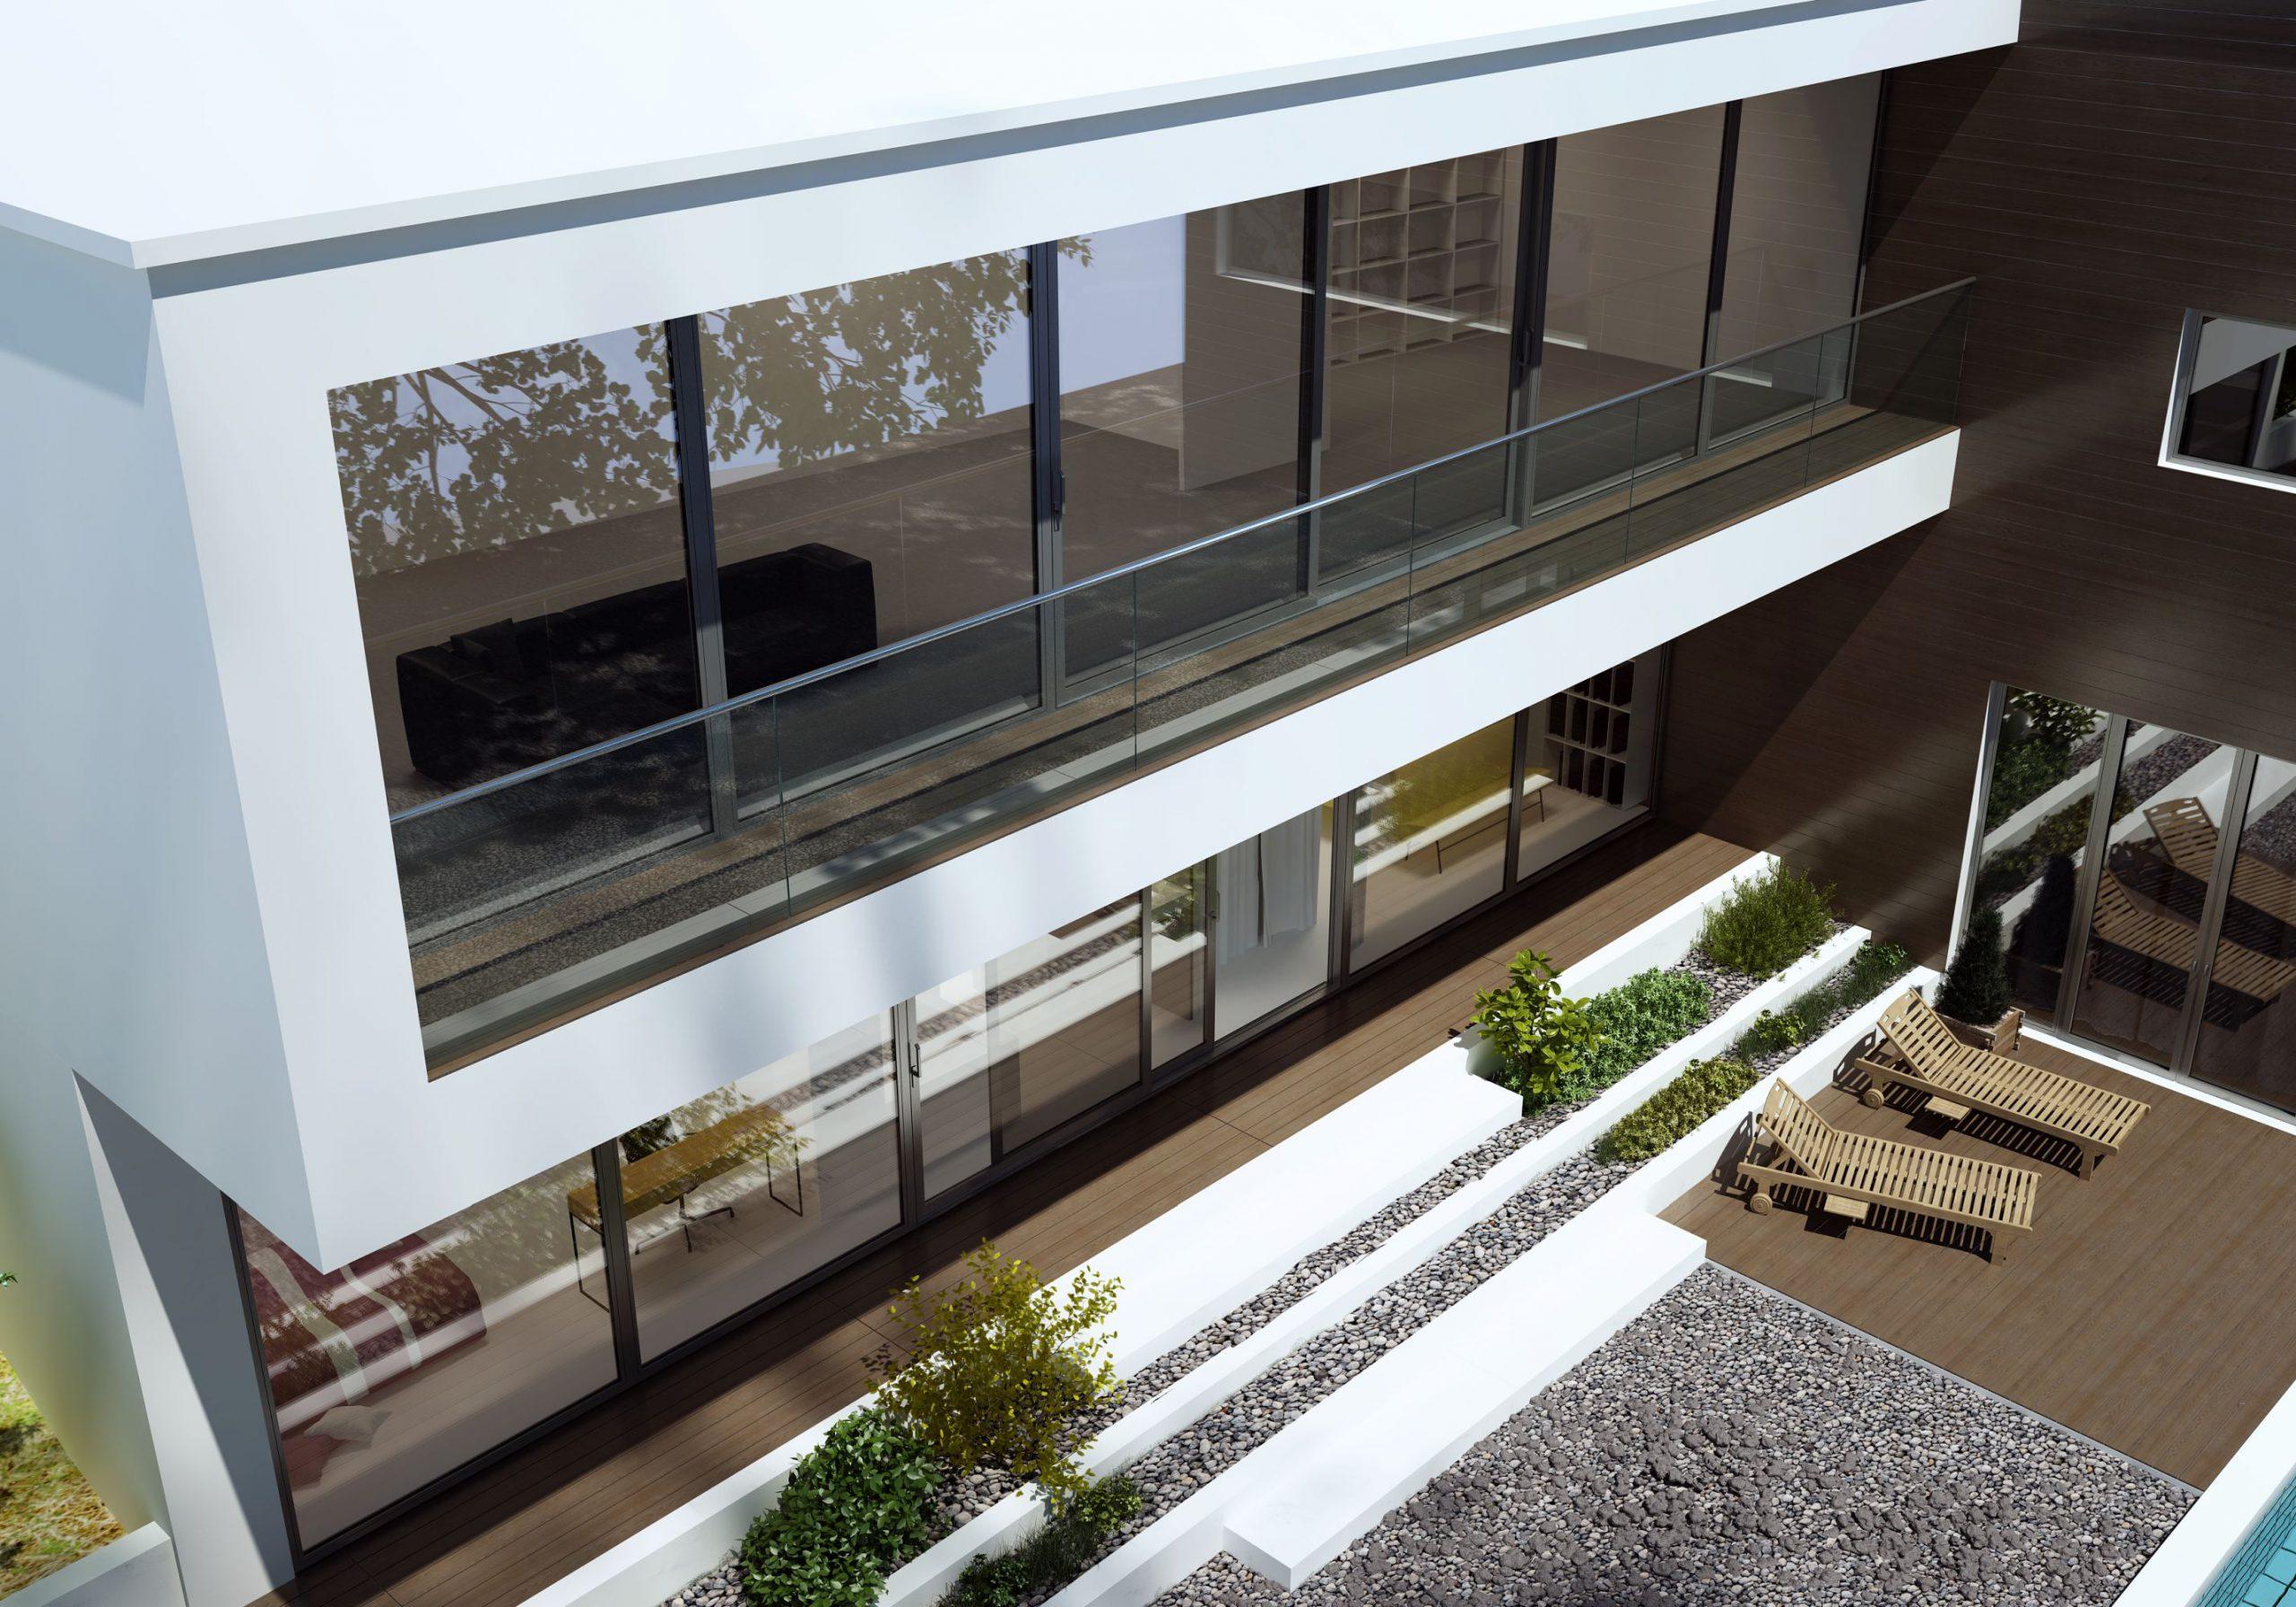 ac-kern-schiebesystem-türen-fenster-0010-scaled Fenster